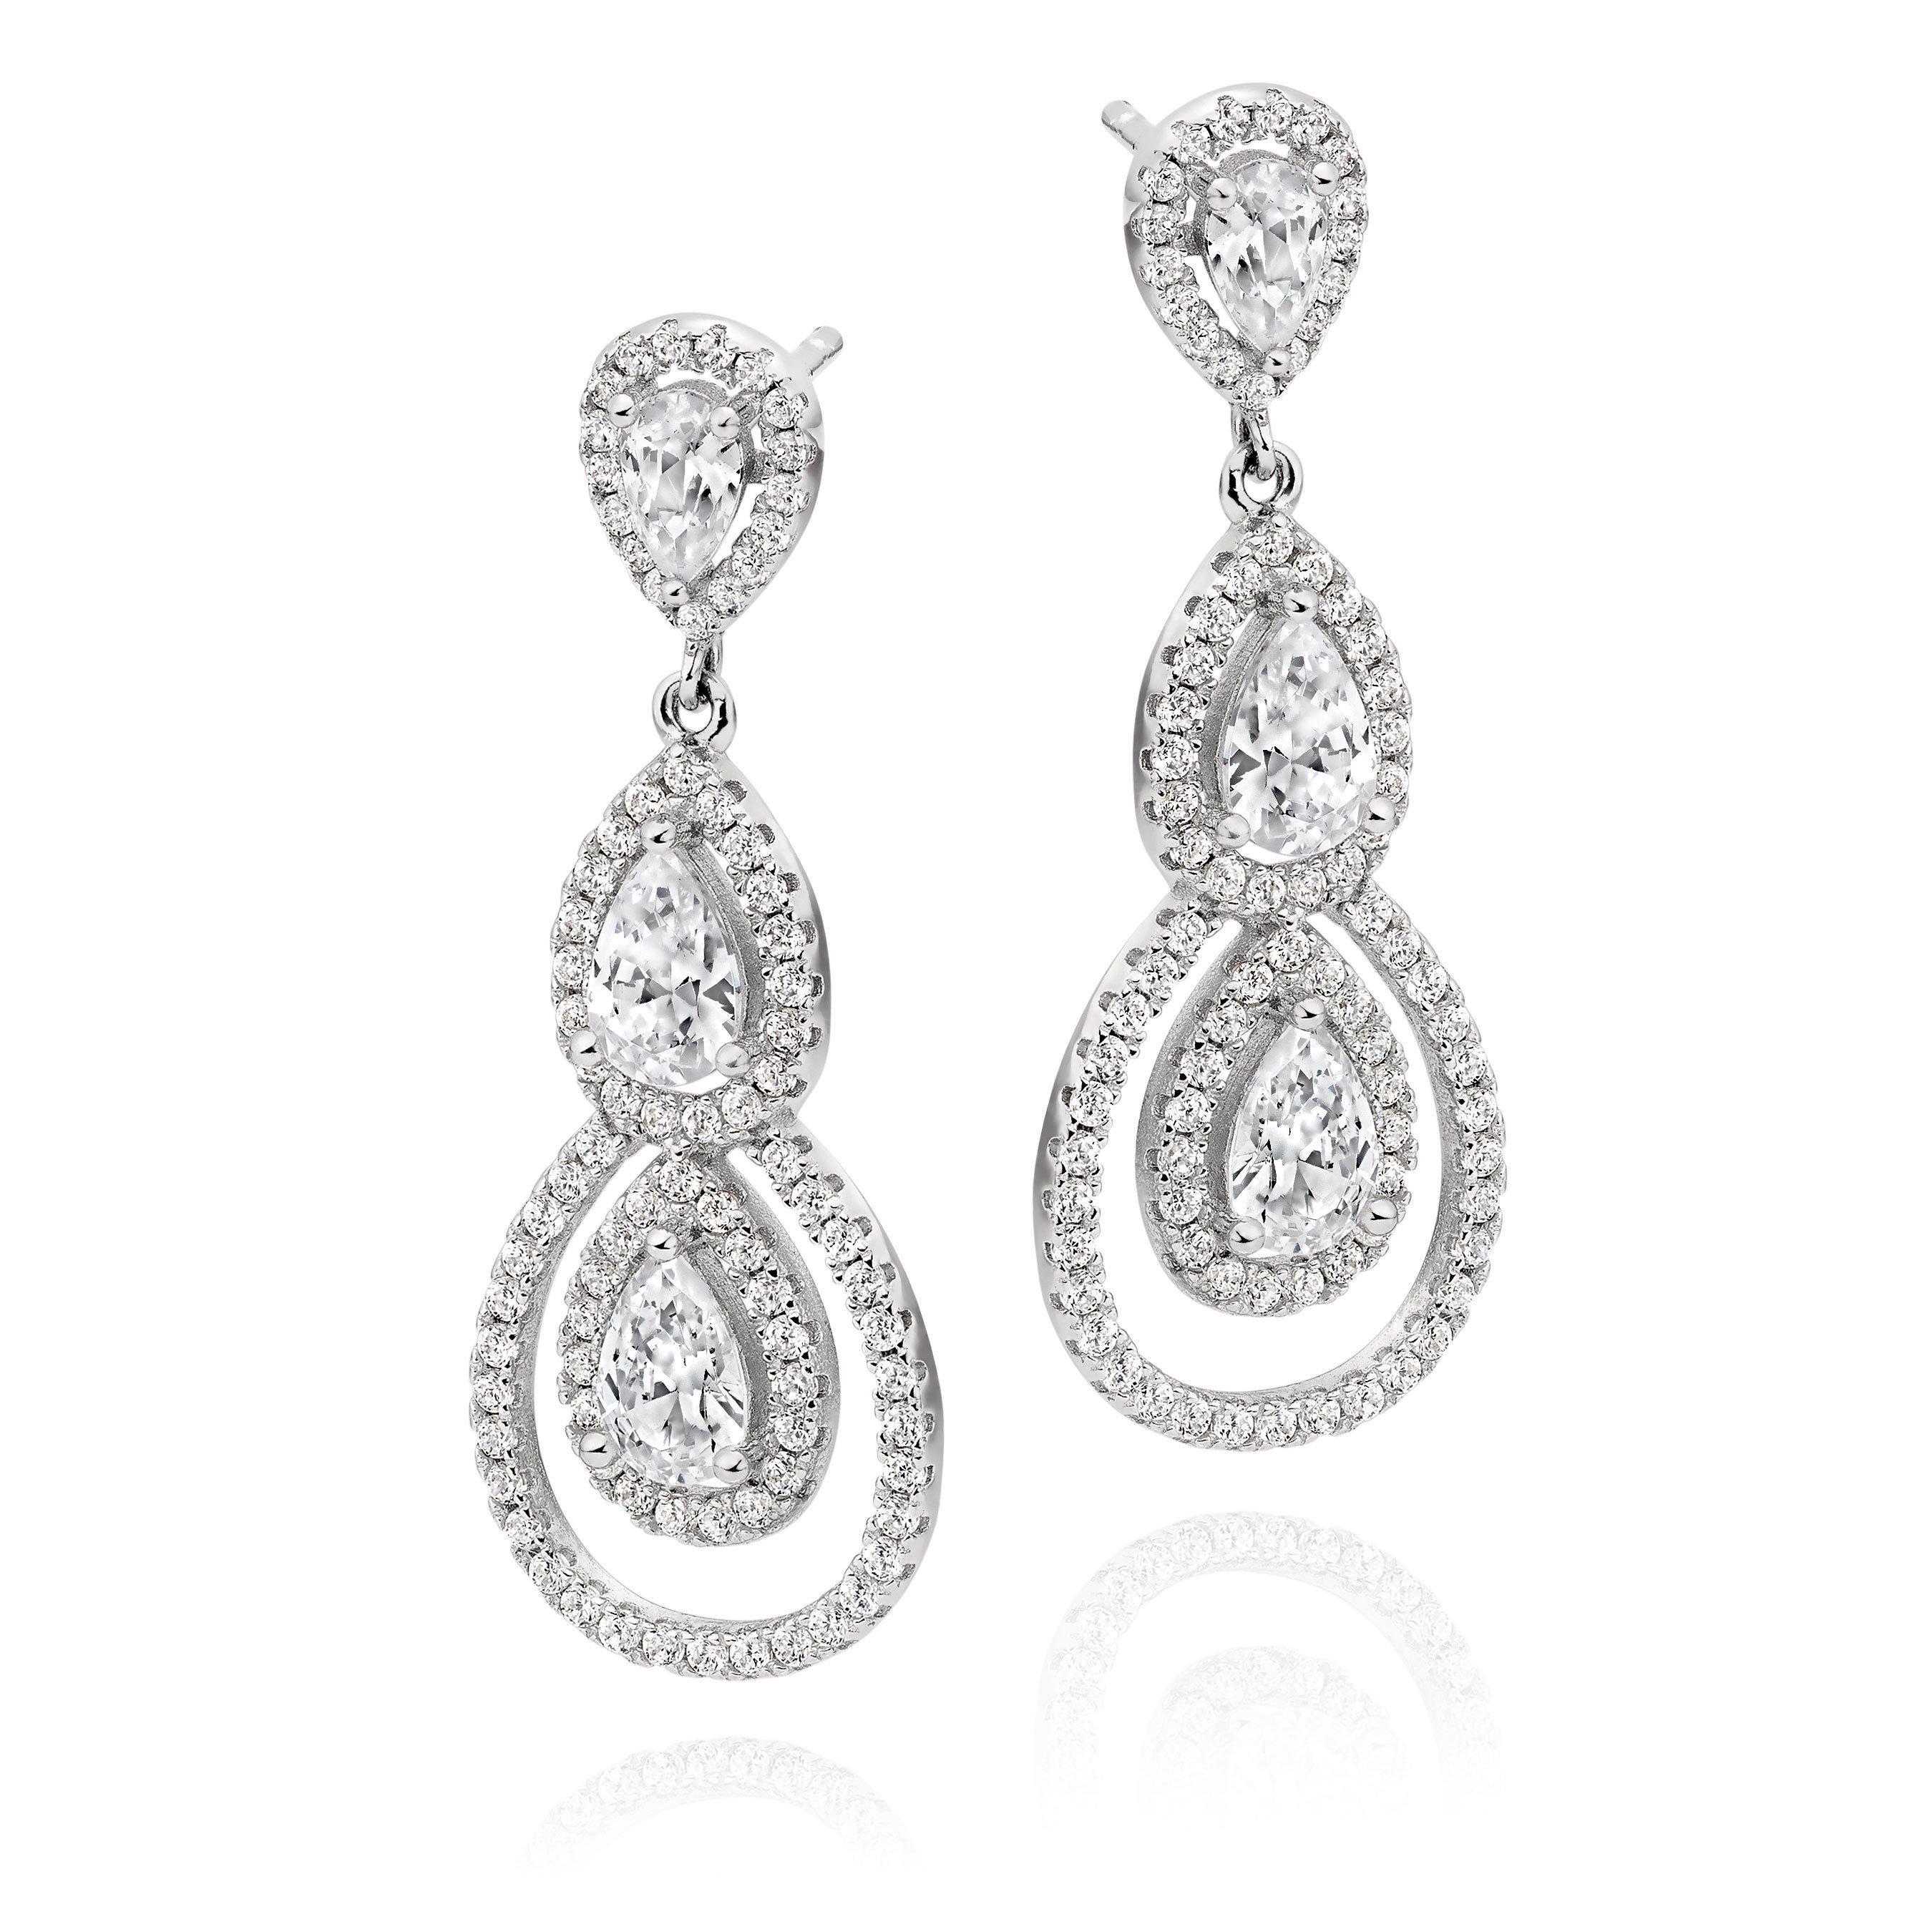 Silver Cubic Zirconia Pear Drop Earrings